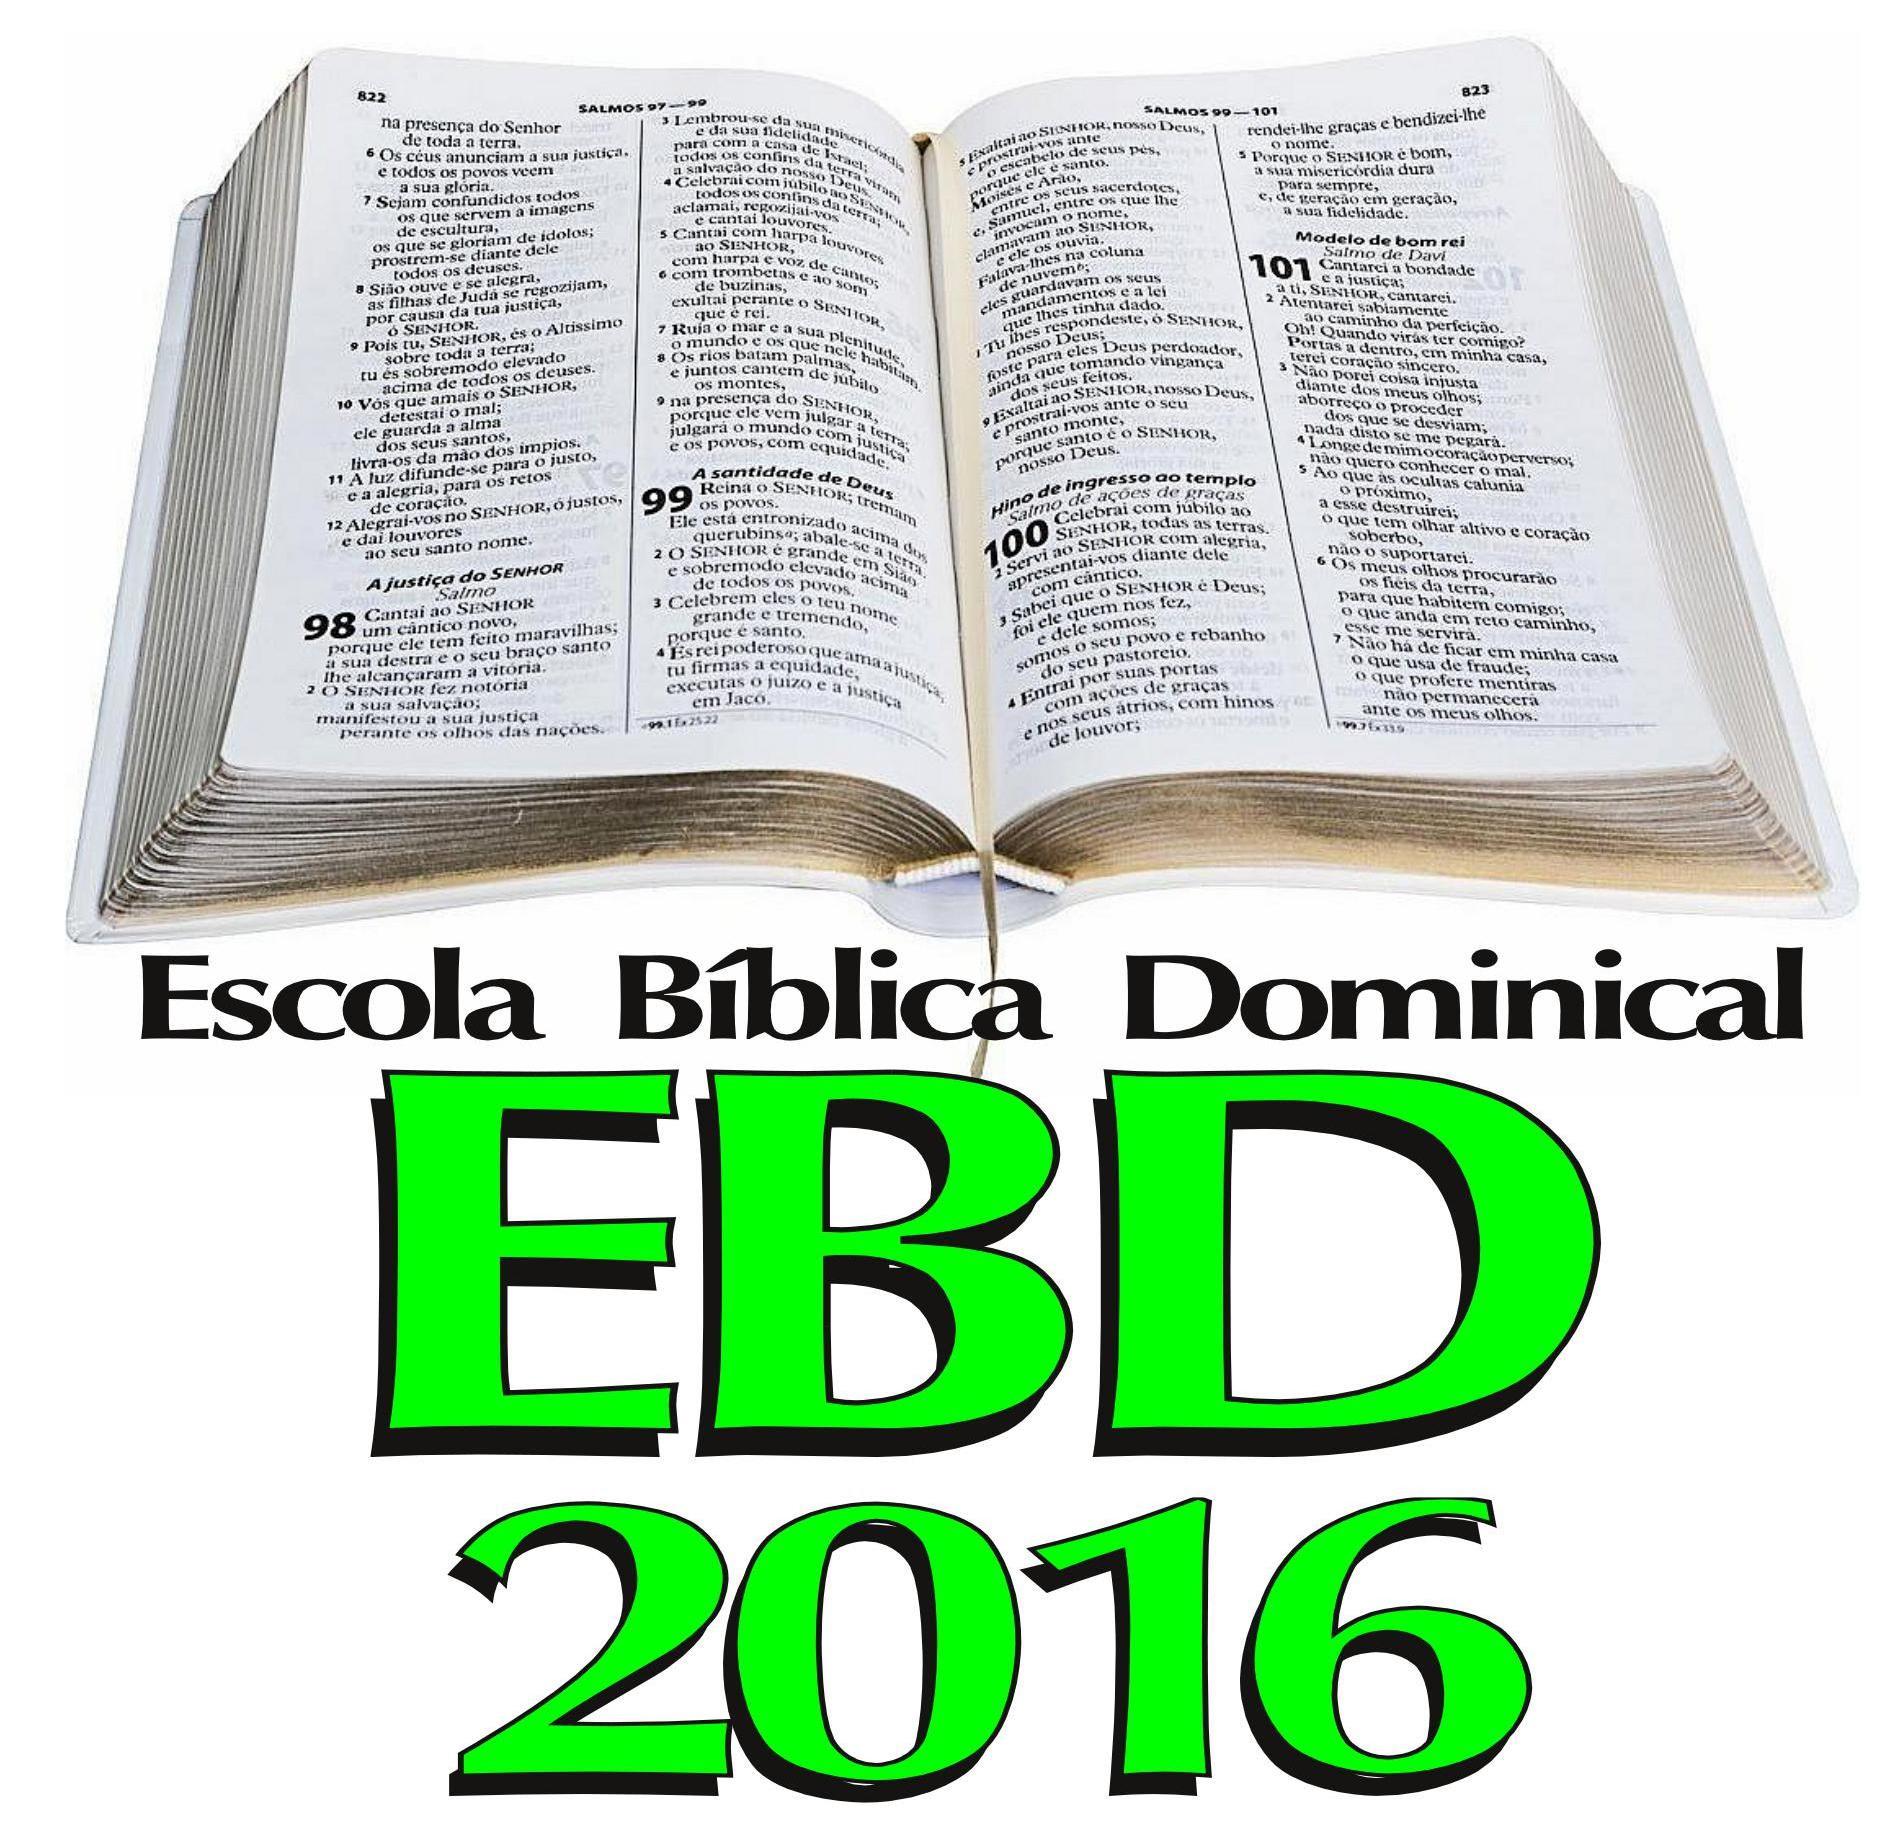 EBD 2016 - Arte2.jpg